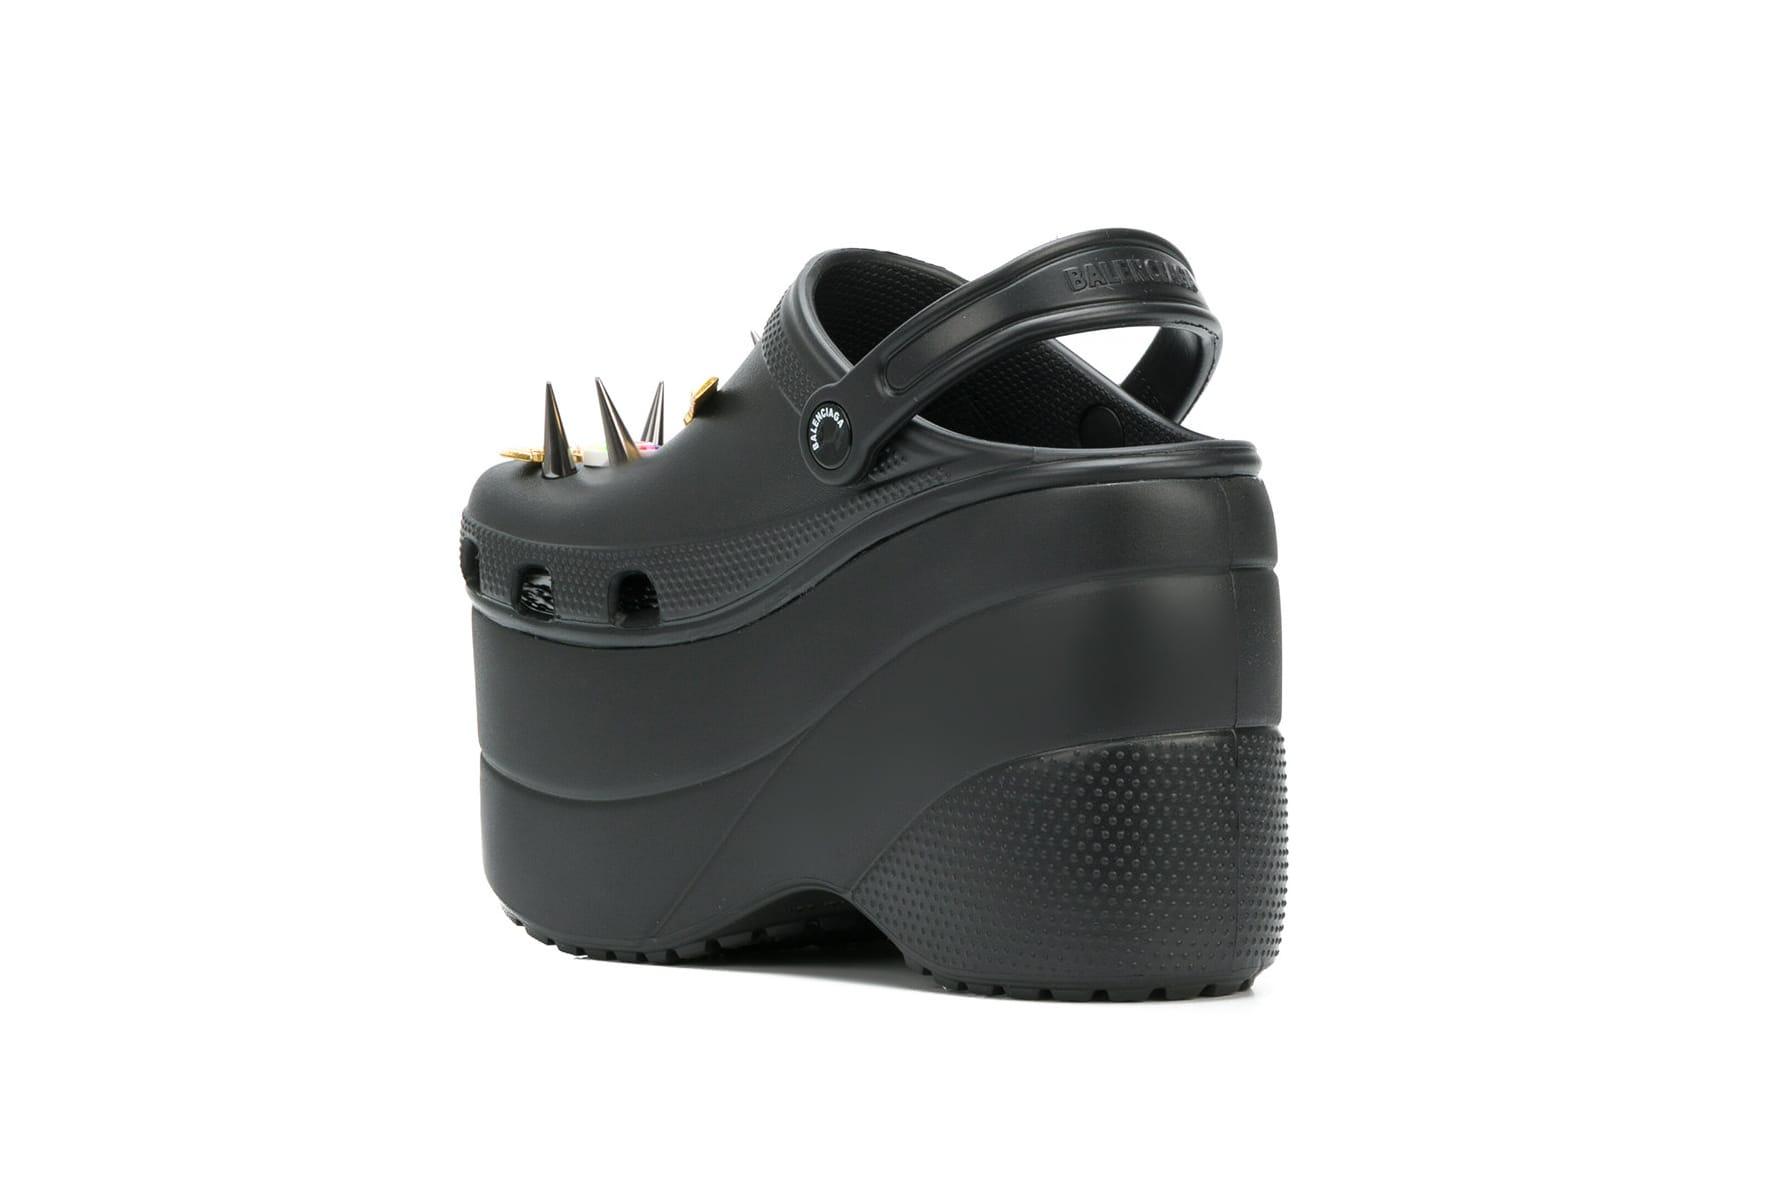 Shop Balenciaga's Black Platform Crocs